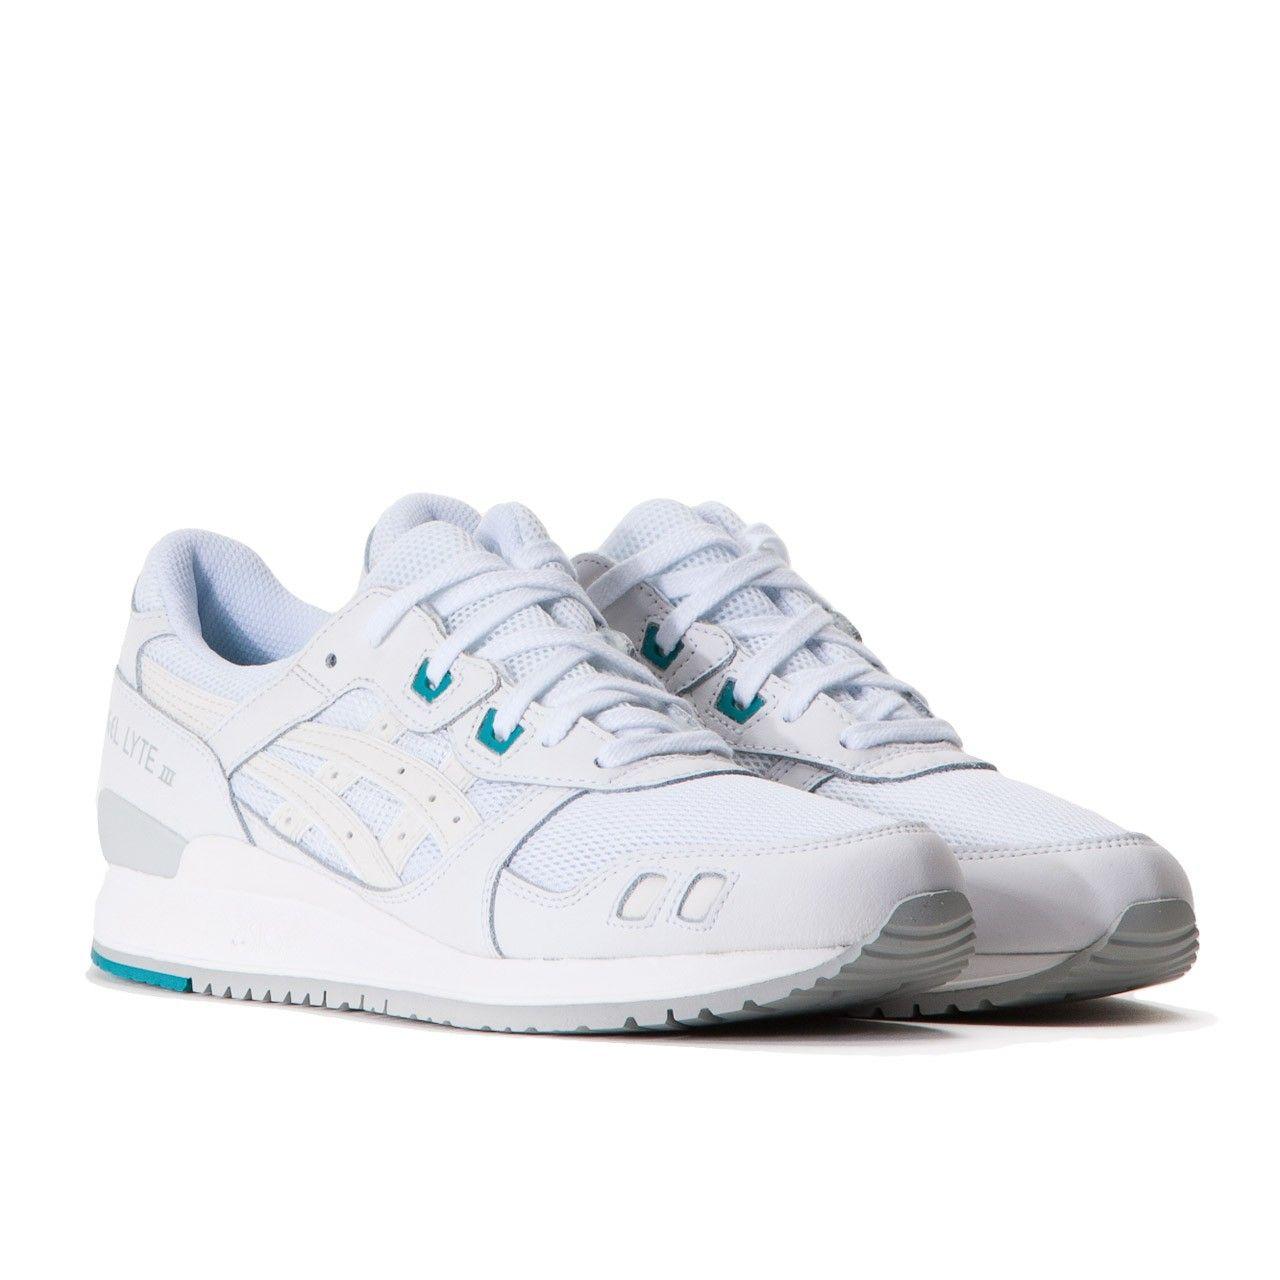 Asics Shoes Shop UK Asics Gel Lyte Iii White